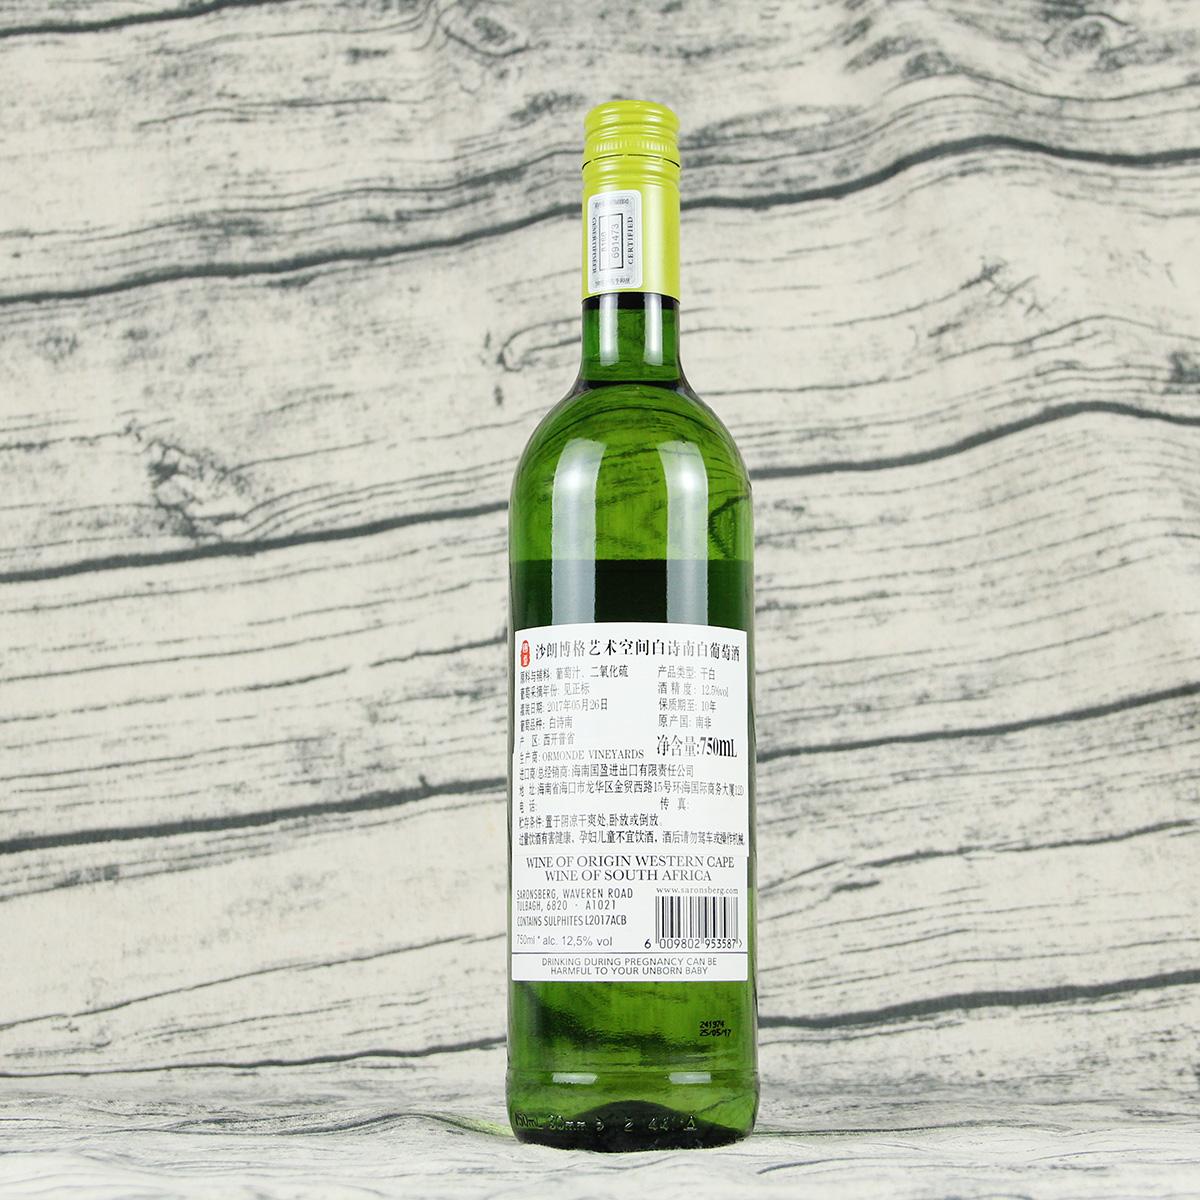 南非西开普沙朗博格酒庄艺术空间白诗南干白葡萄酒